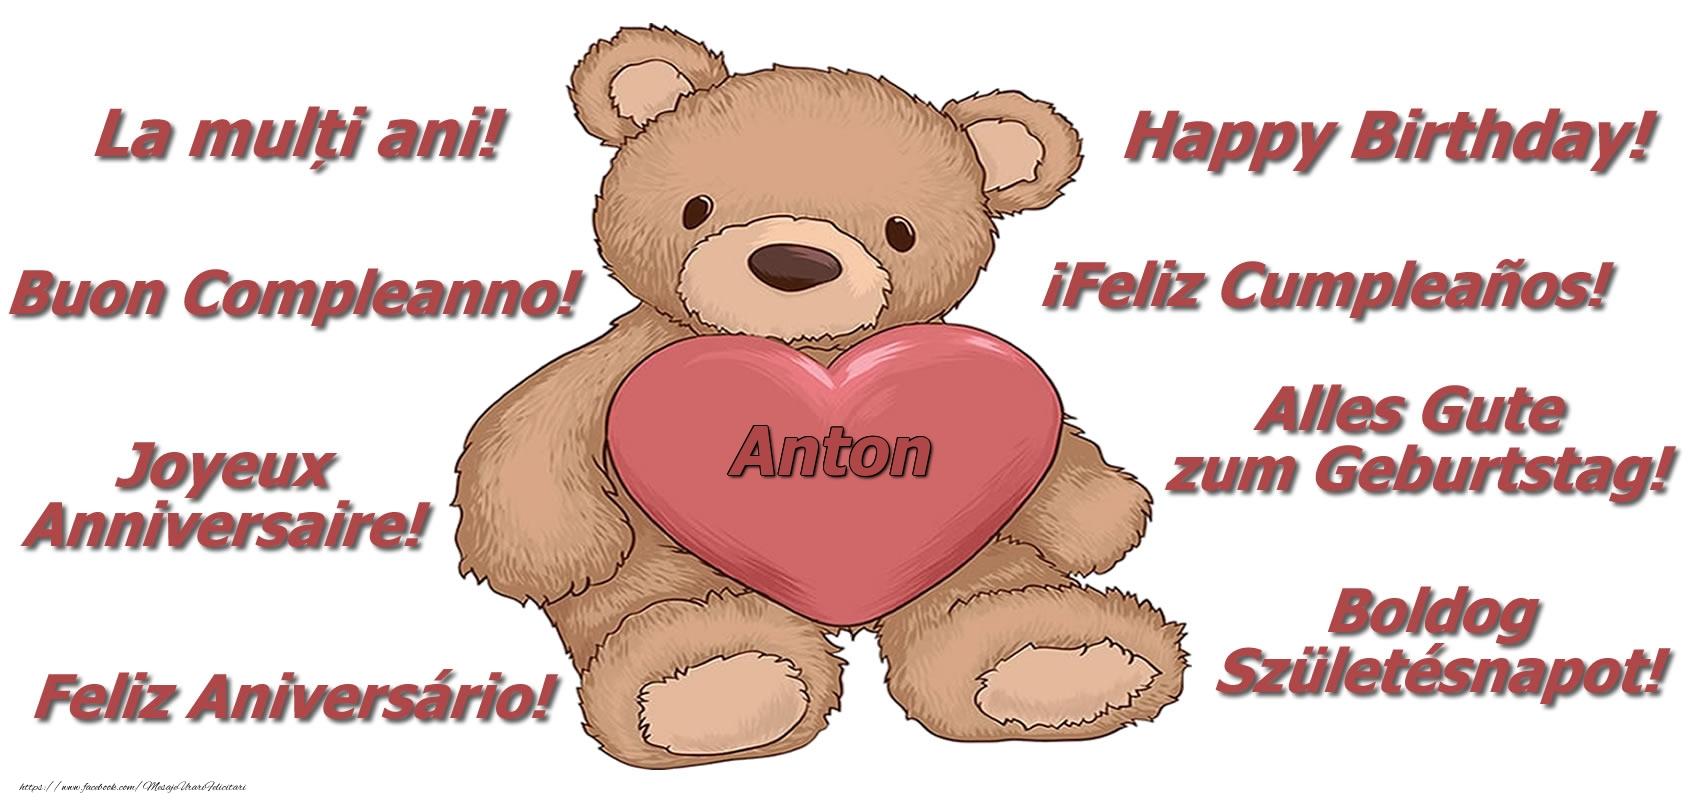 Felicitari de zi de nastere - La multi ani Anton! - Ursulet